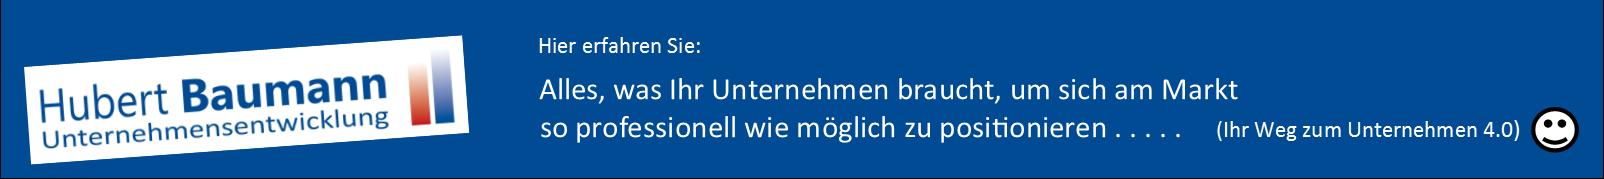 Unternehmensberatung für Unternehmensentwicklung, Strategie,  Kommunikation und Öffentlichkeitsarbeit – Aschaffenburg, Wien